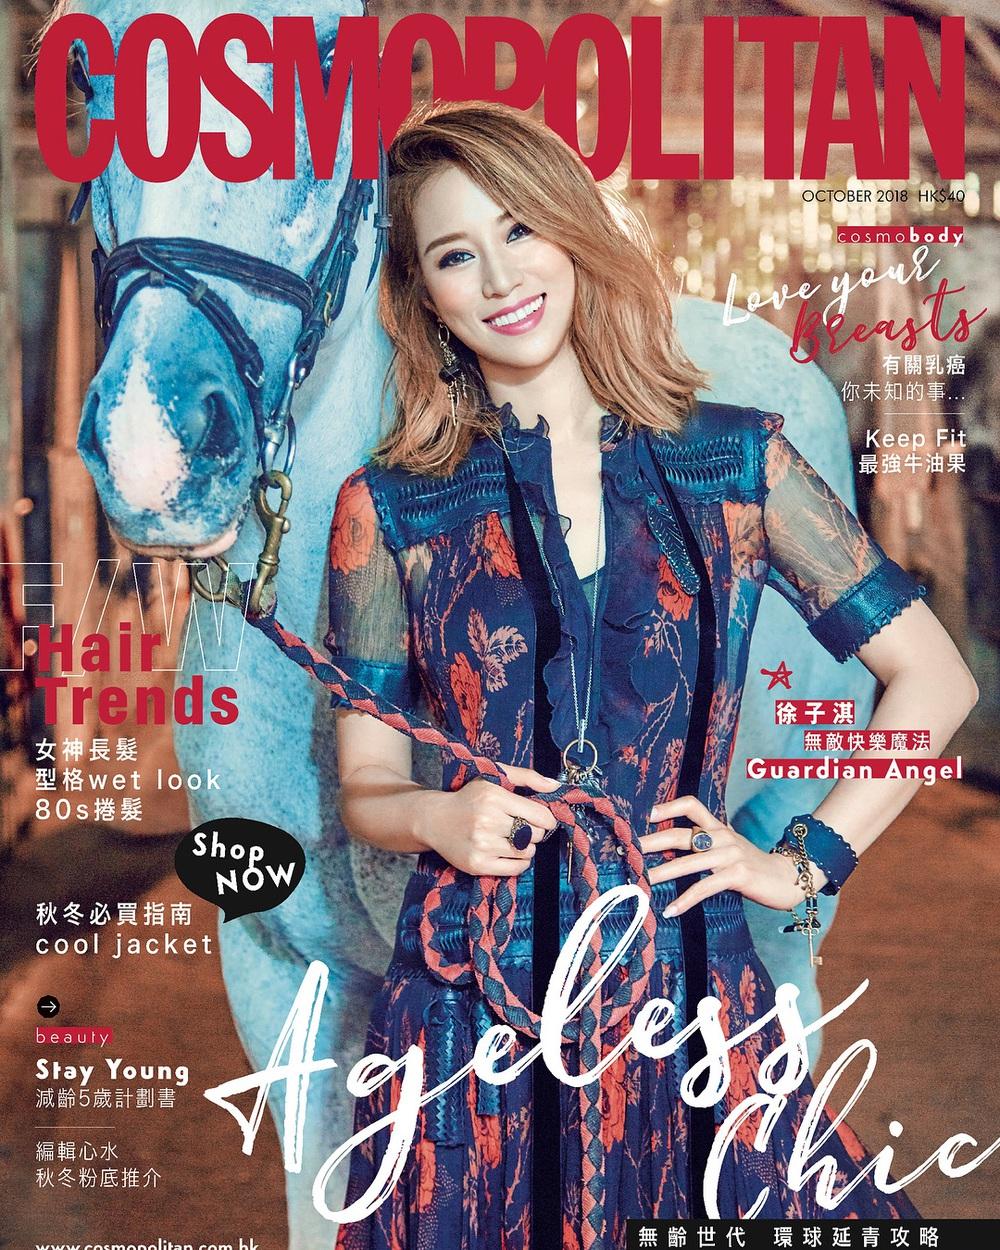 Nữ diễn viên làm dâu nhà giàu số 1 Hong Kong: Bố chồng tuyên bố thưởng nóng 3000 tỷ nếu mang bầu lần 5 - Ảnh 11.